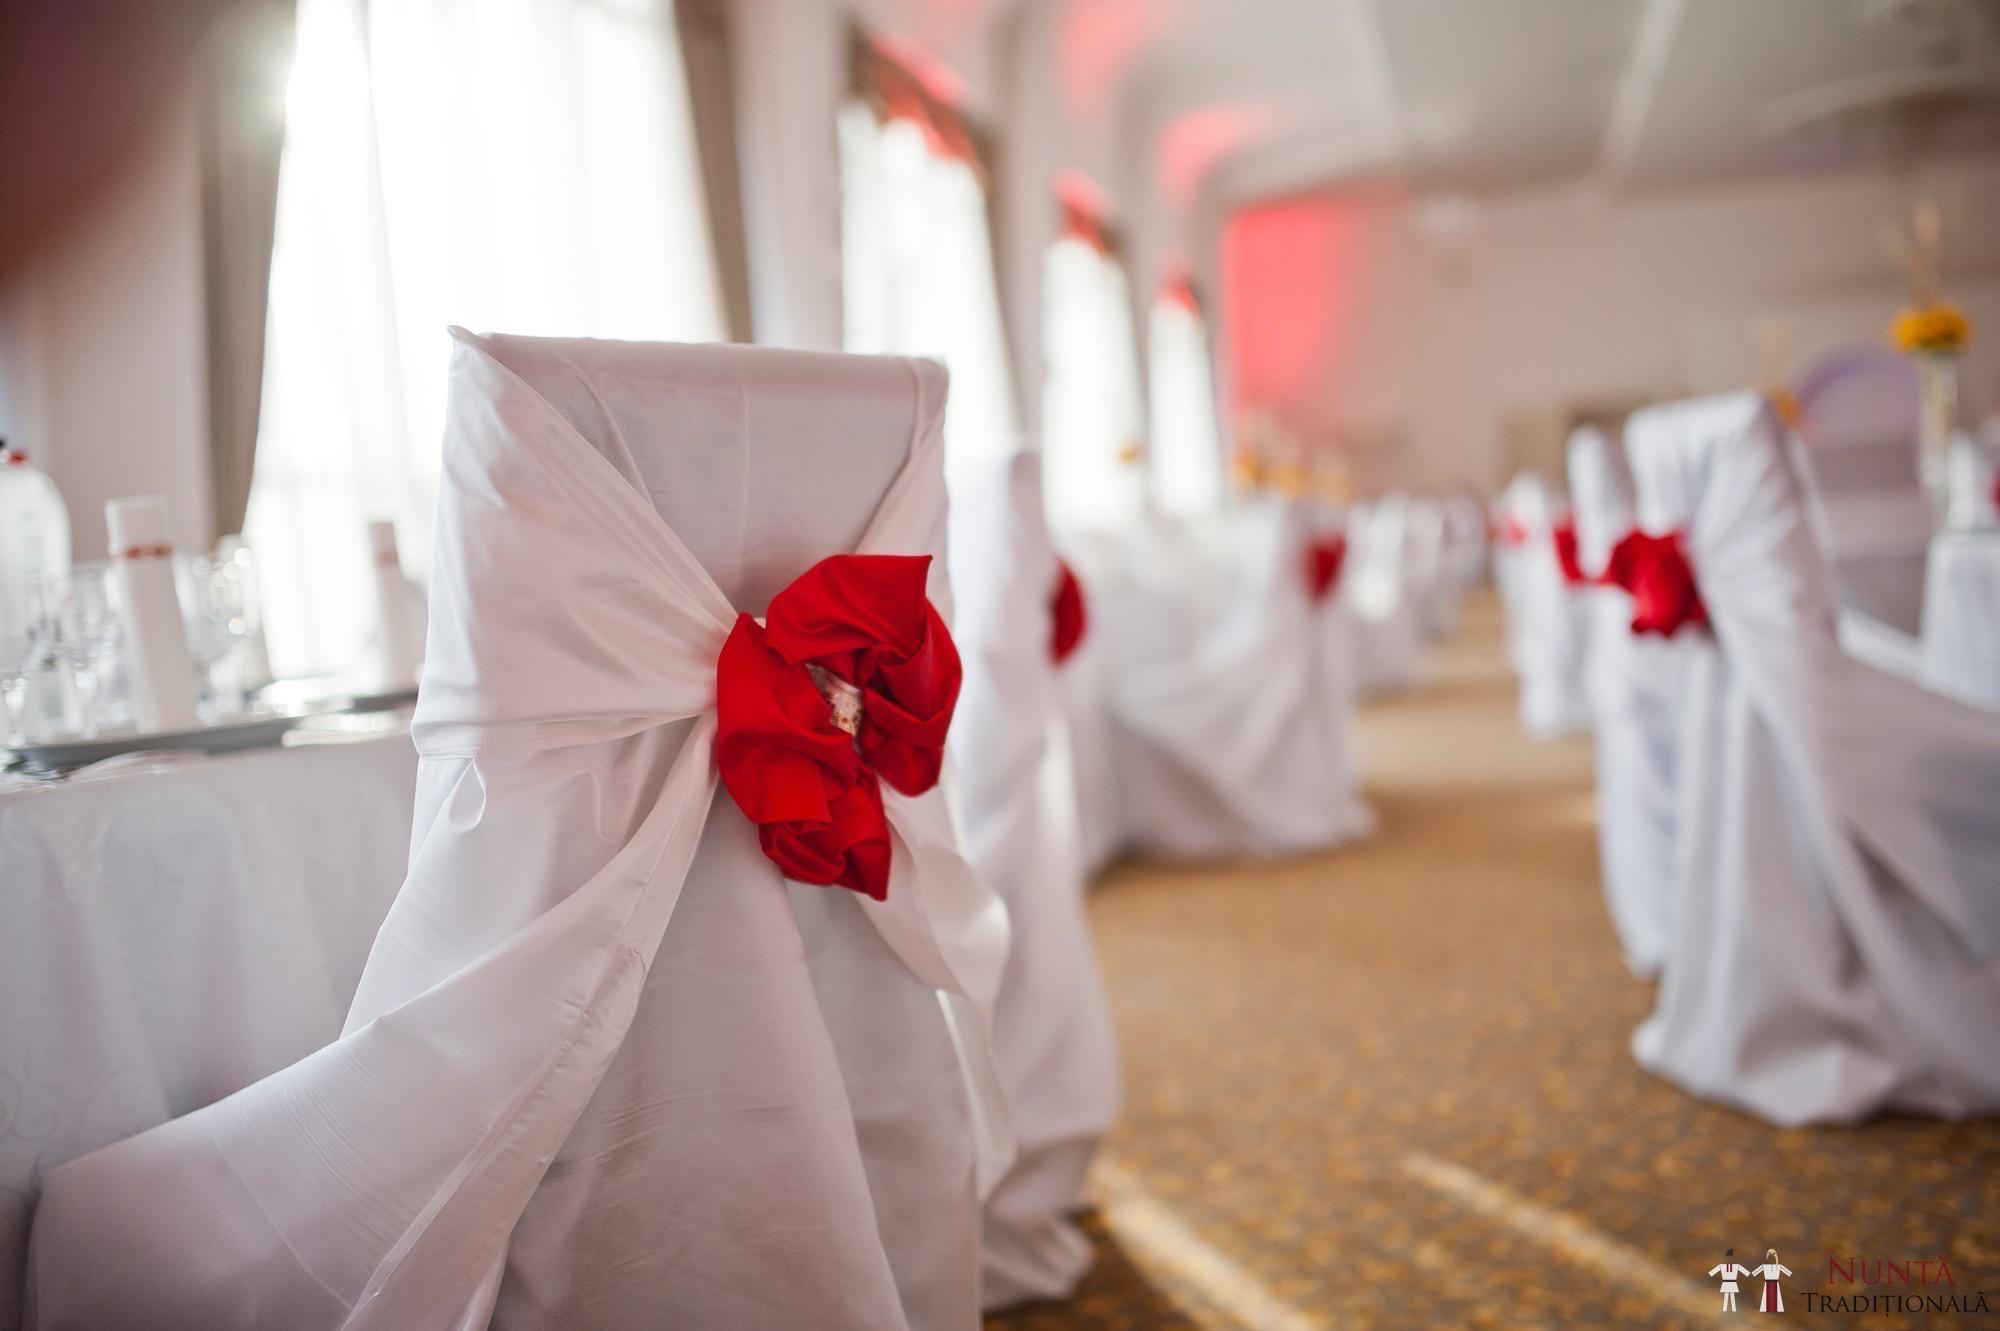 Povești Nunți Tradiționale - Gabriela și Mădălin - Nuntă Tradițională în Suceava, Bucovina 53